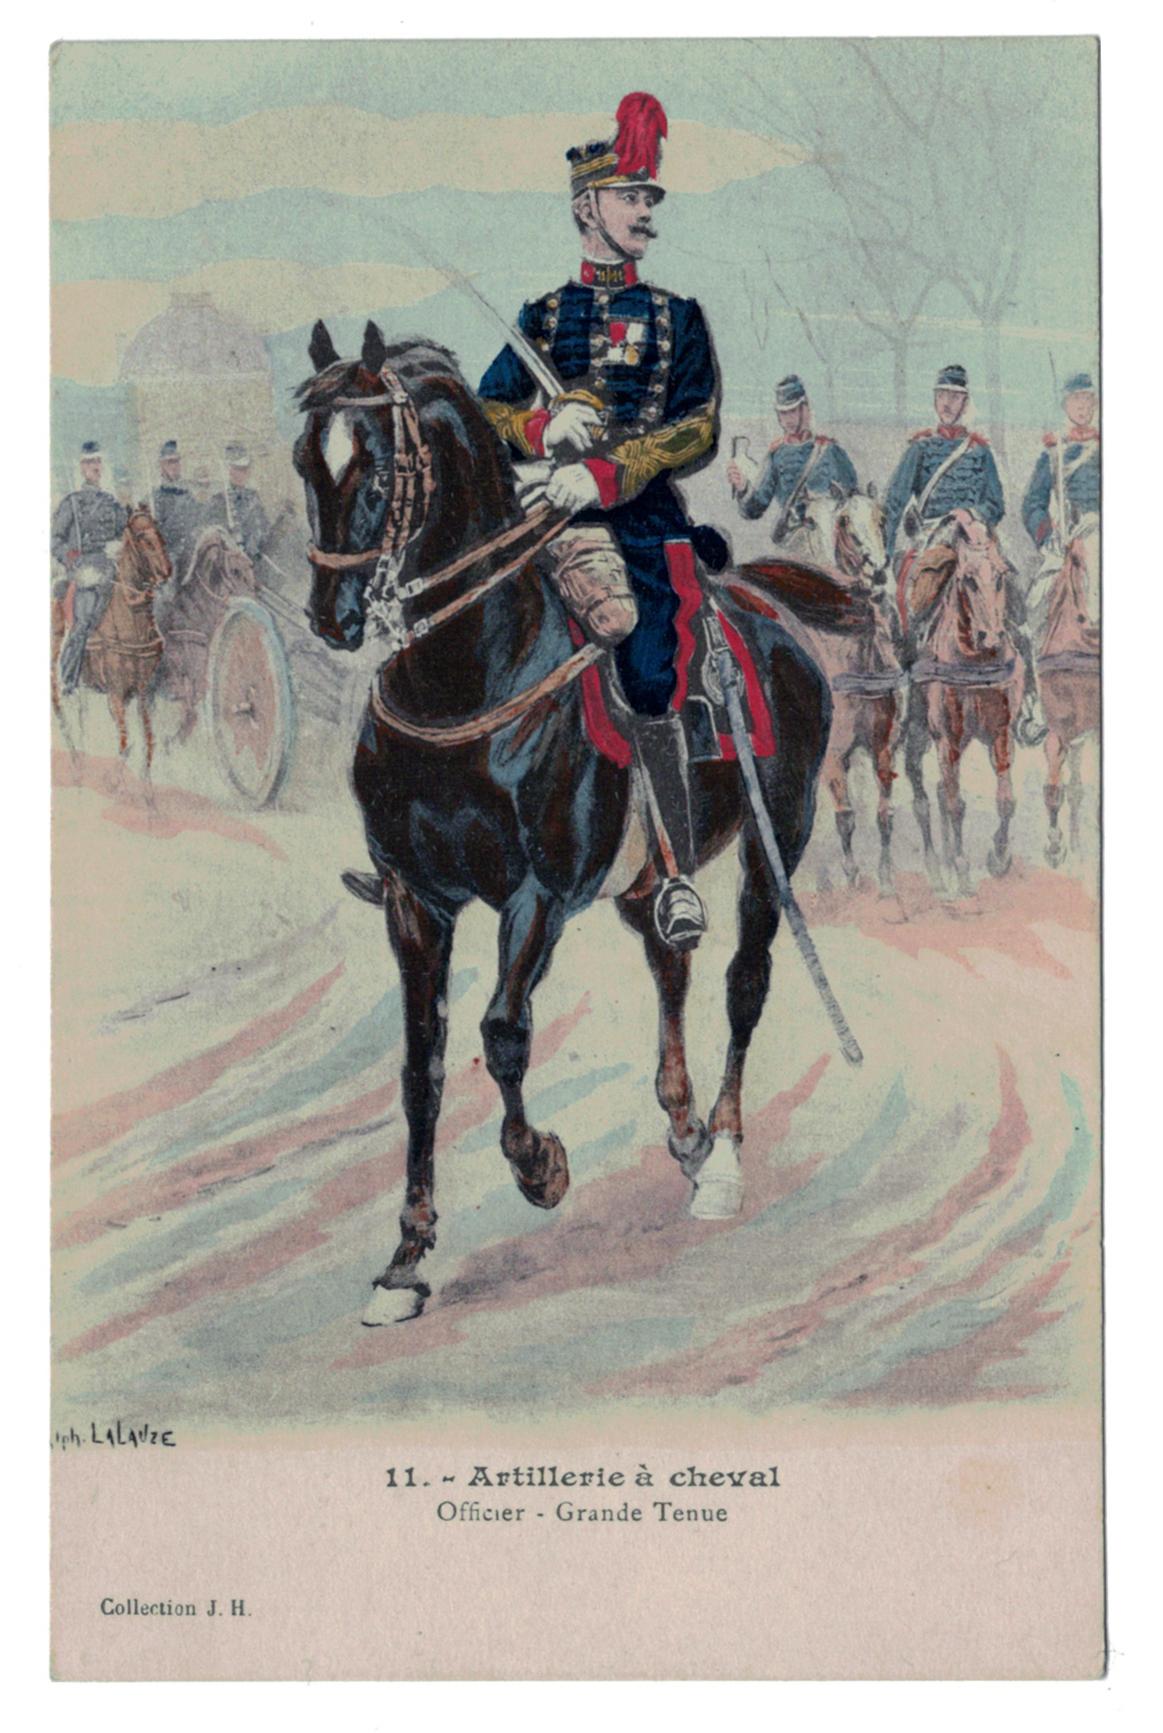 Artillerie a cheval - Officier - grande tenue - Lalauze - Guerre 1914